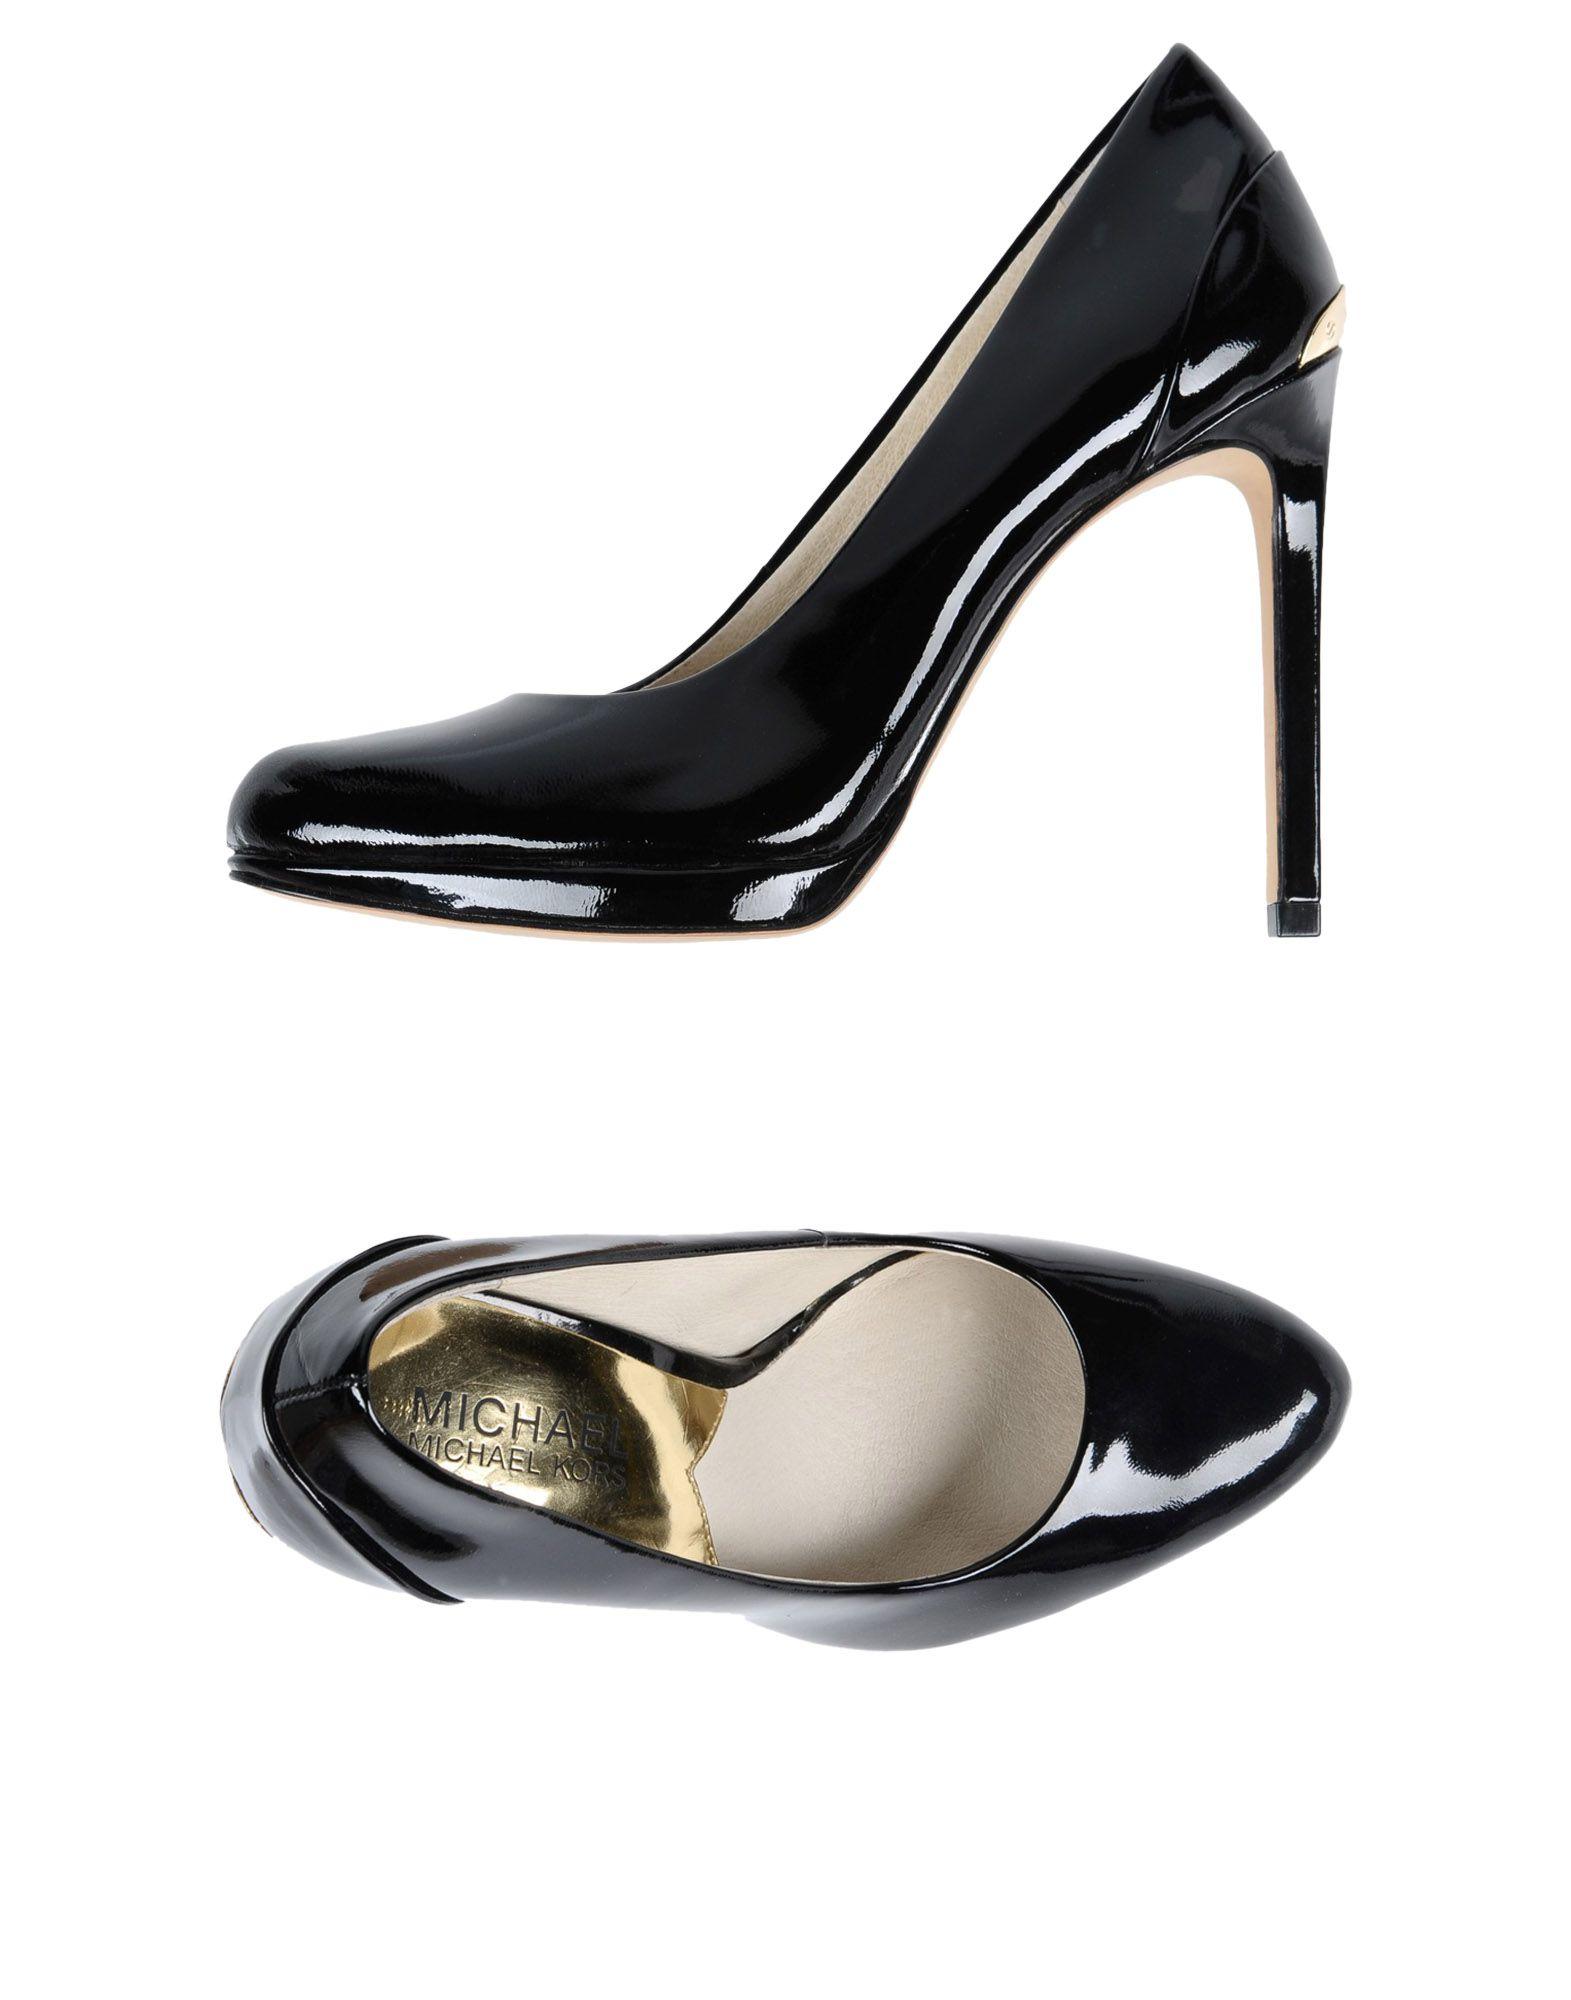 Sandali Guess Donna - 11493248CG comode Nuove offerte e scarpe comode 11493248CG 0da267